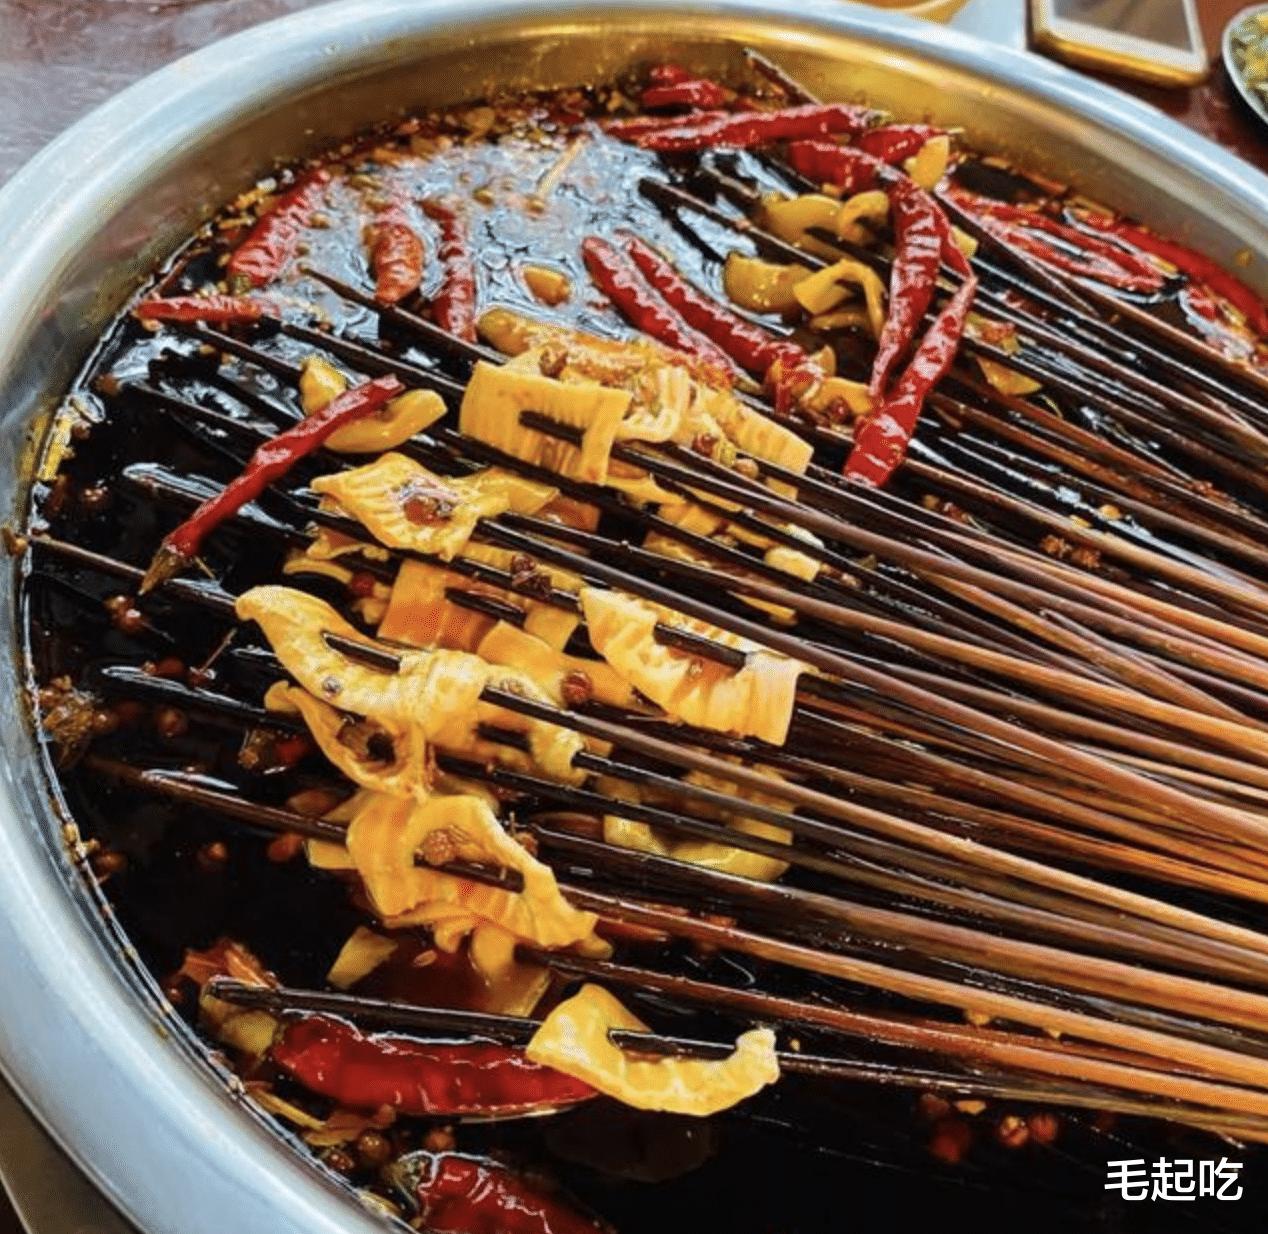 五一成都美食攻略:馆子越烂,味道越好?苍蝇馆子,哪家更好吃?